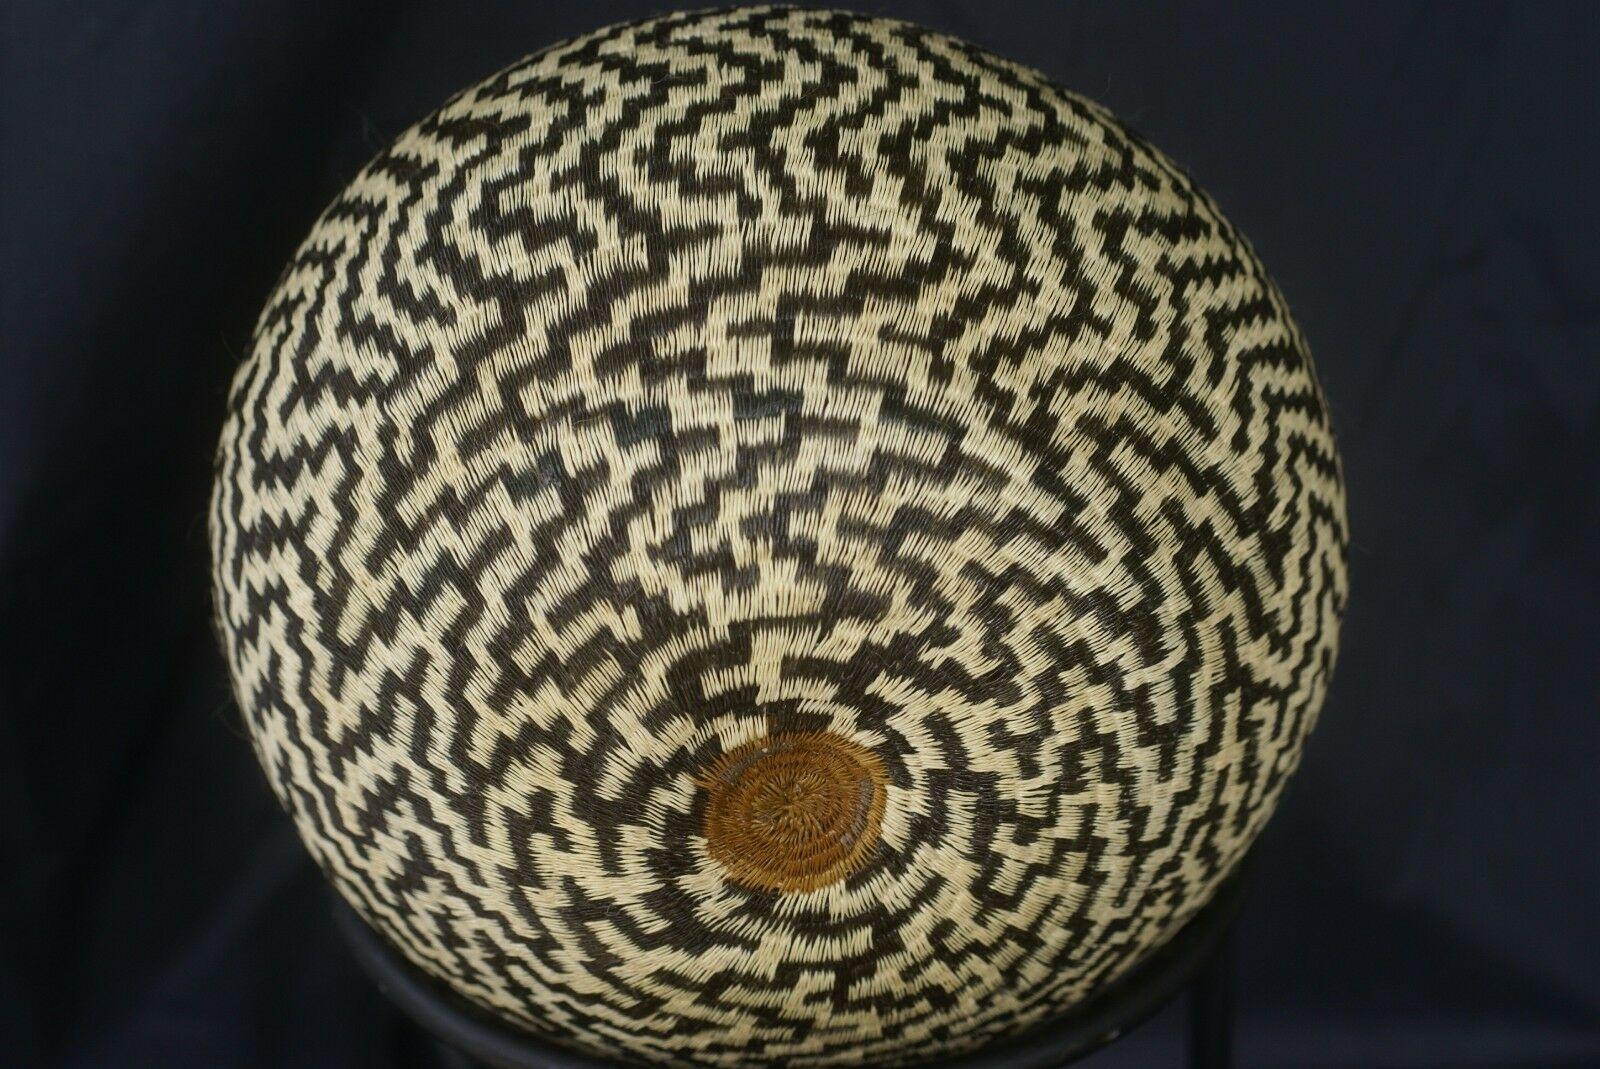 Wounaan Darien Indian Hösig Di Museum Abstract Artist Basket Masterpiece 300A46